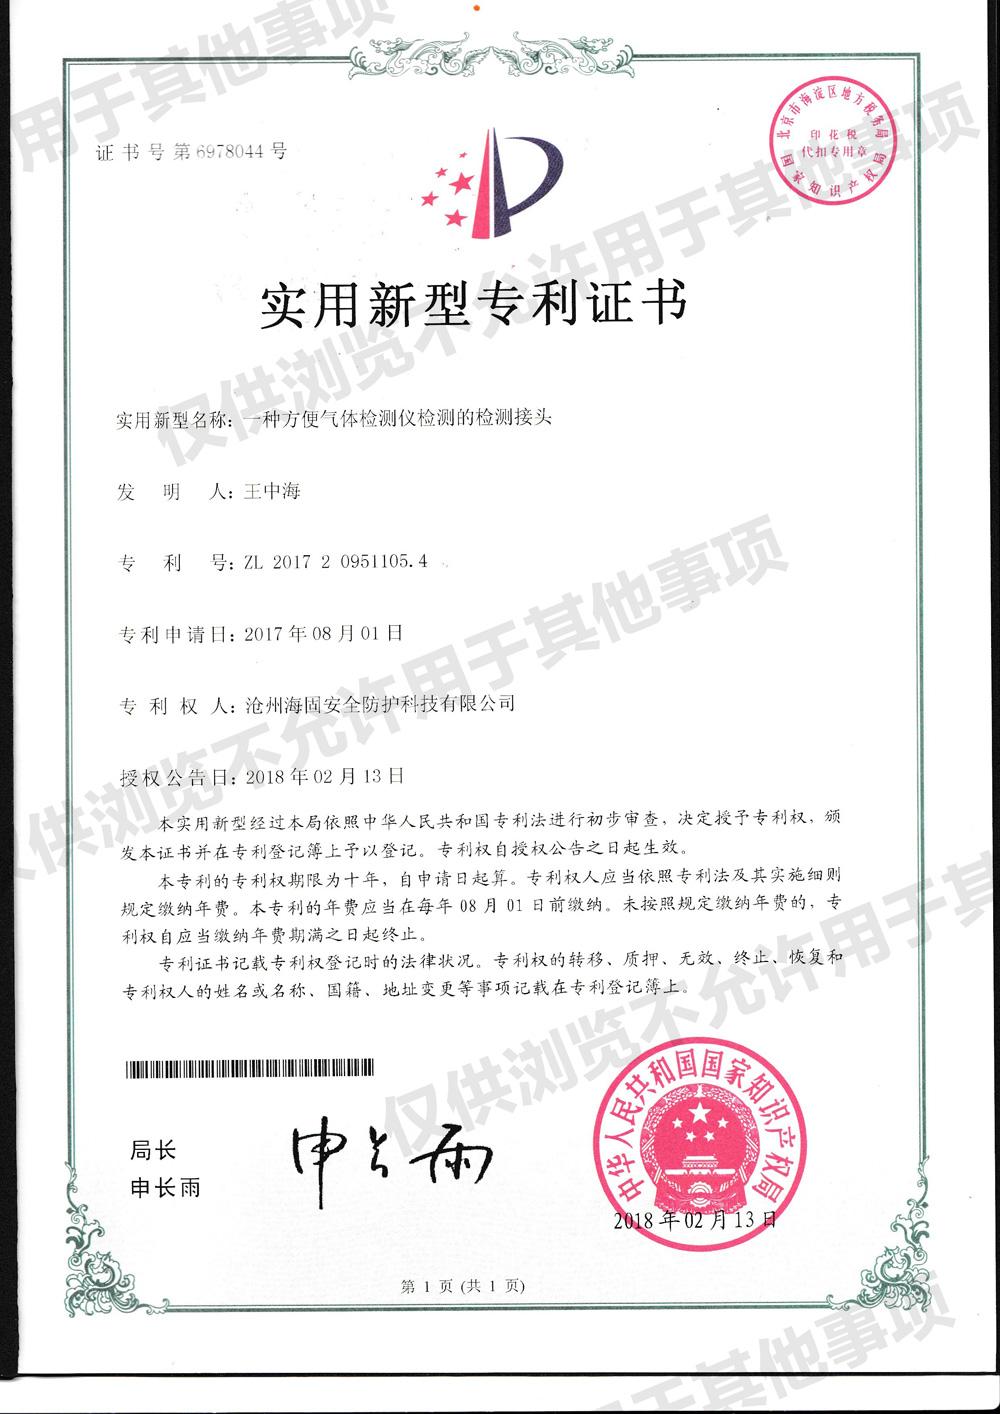 http://www.czhaigu.com/uploads/zizhi/zhuanlizhengshu/4.jpg